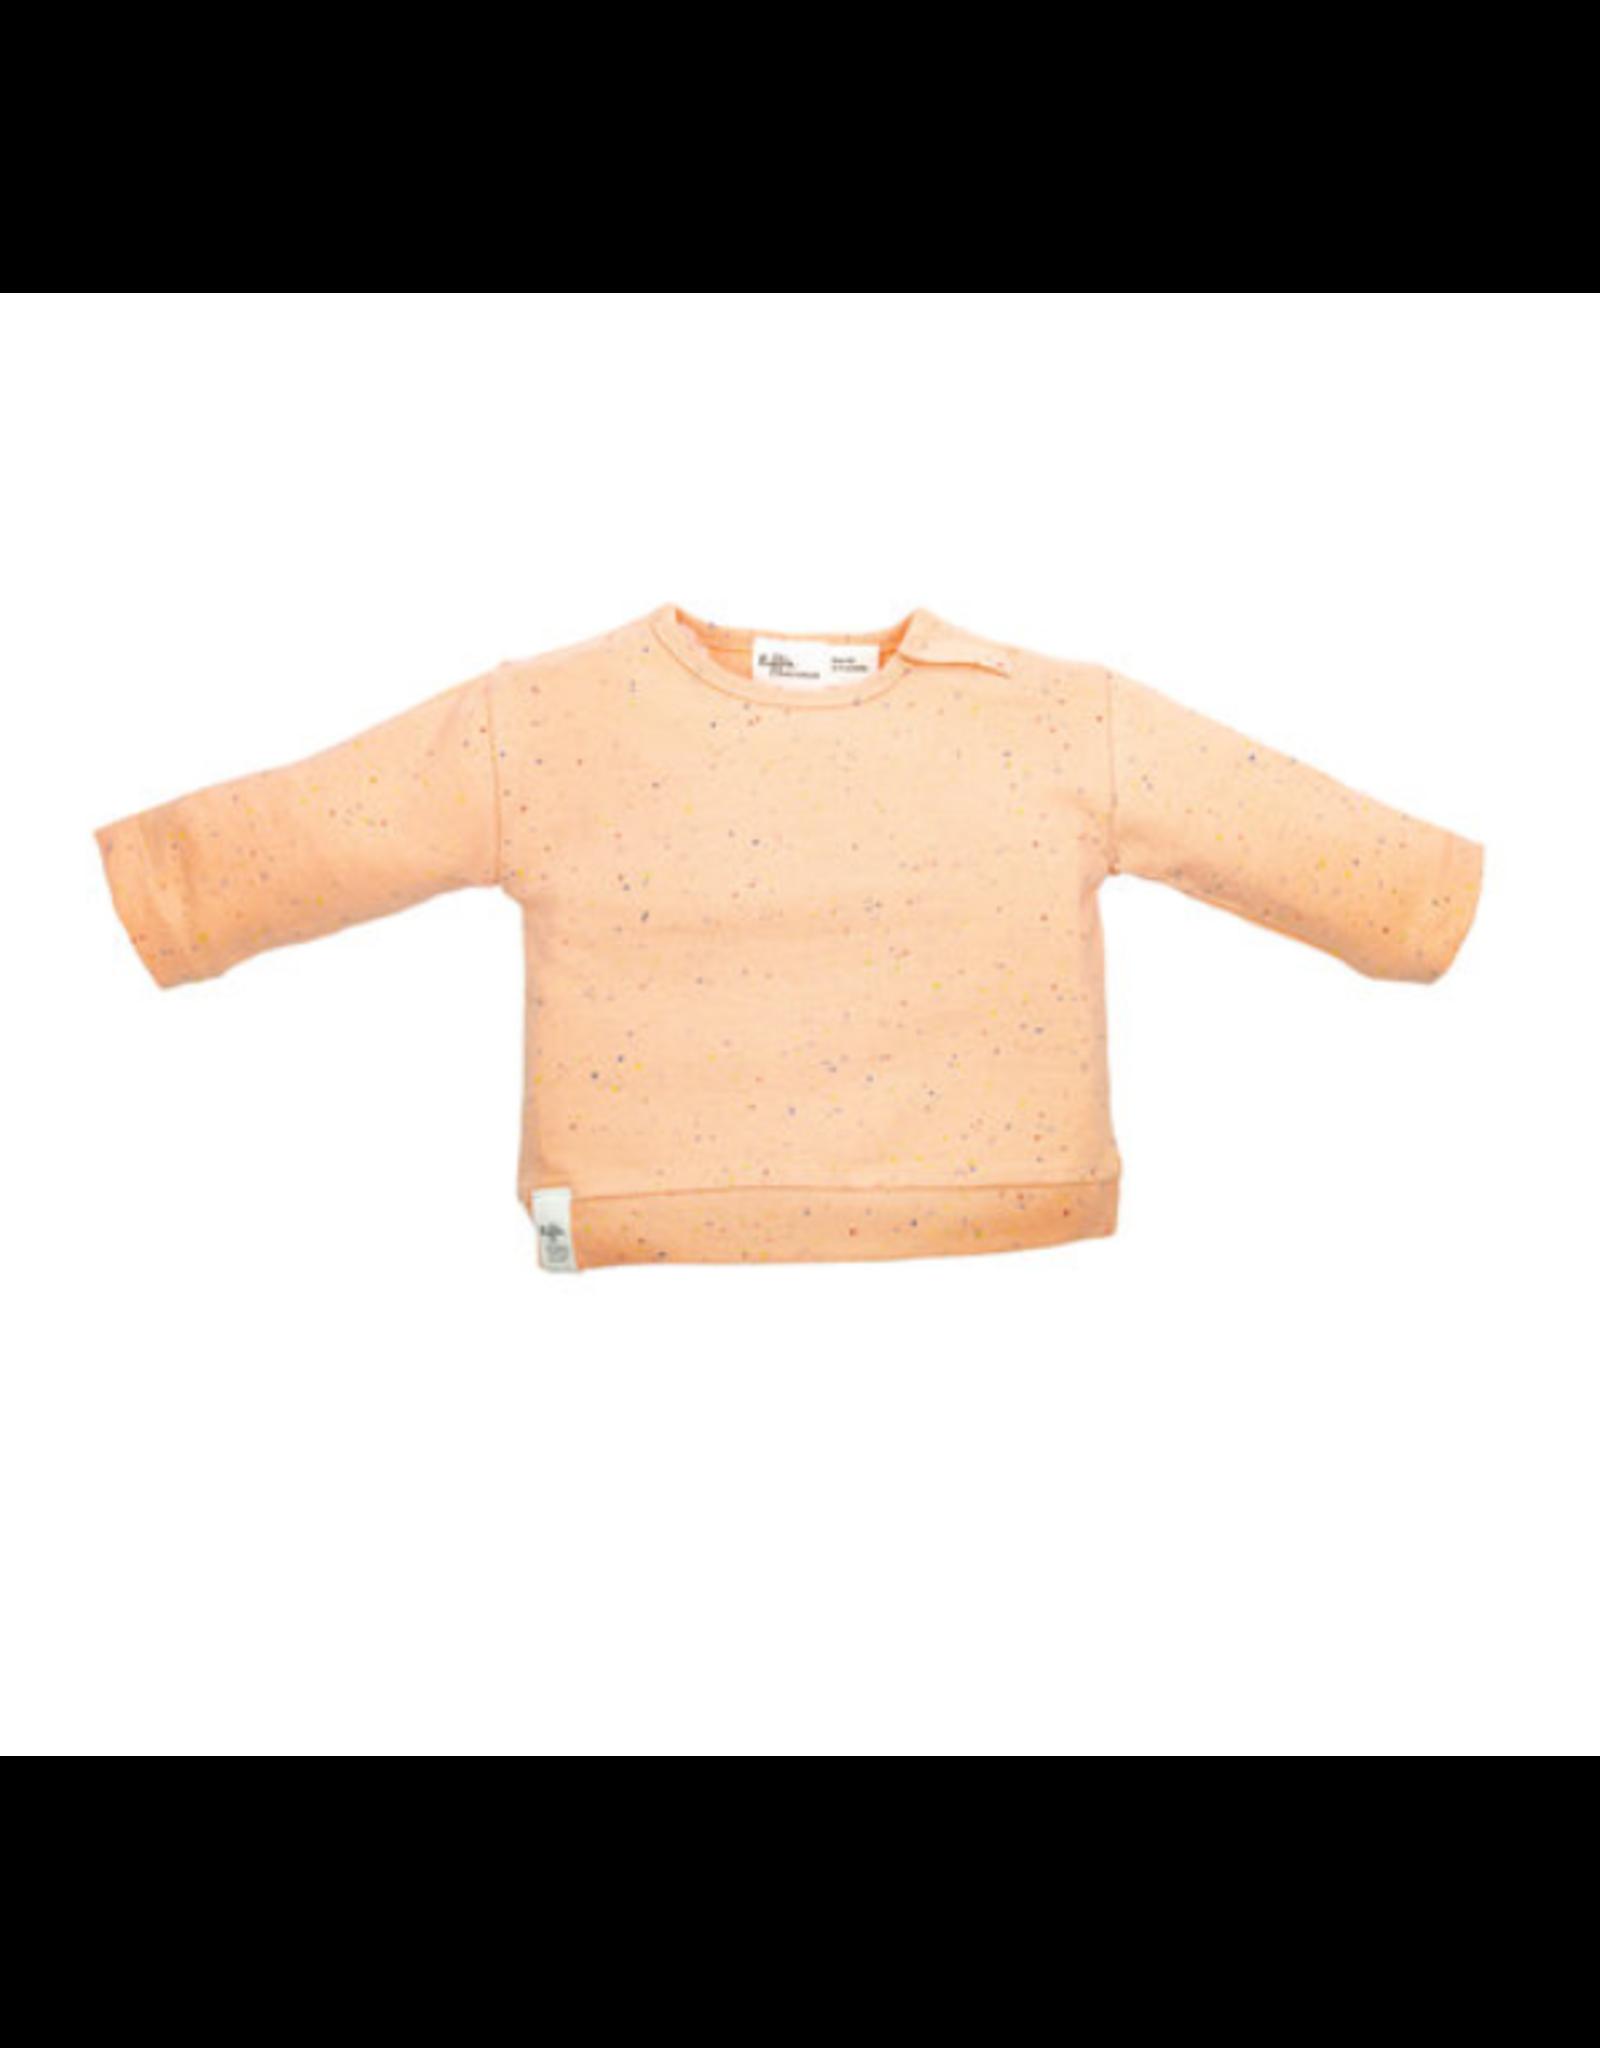 Riffle Amsterdam Riffle Amsterdam Sweater Pink